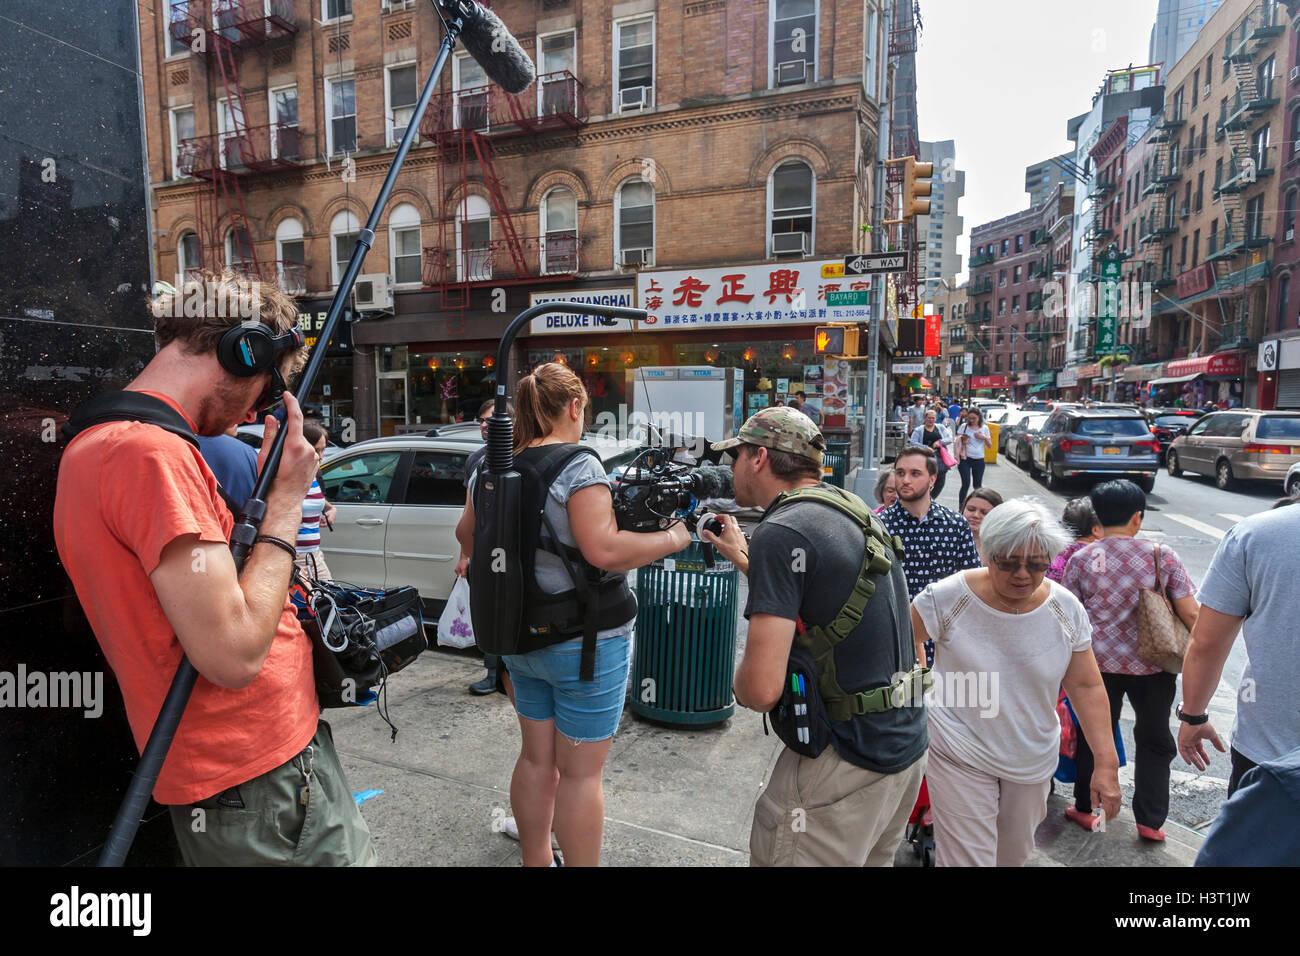 Los cineastas vídeo dispara en Chinatown, la ciudad de Nueva York. Imagen De Stock